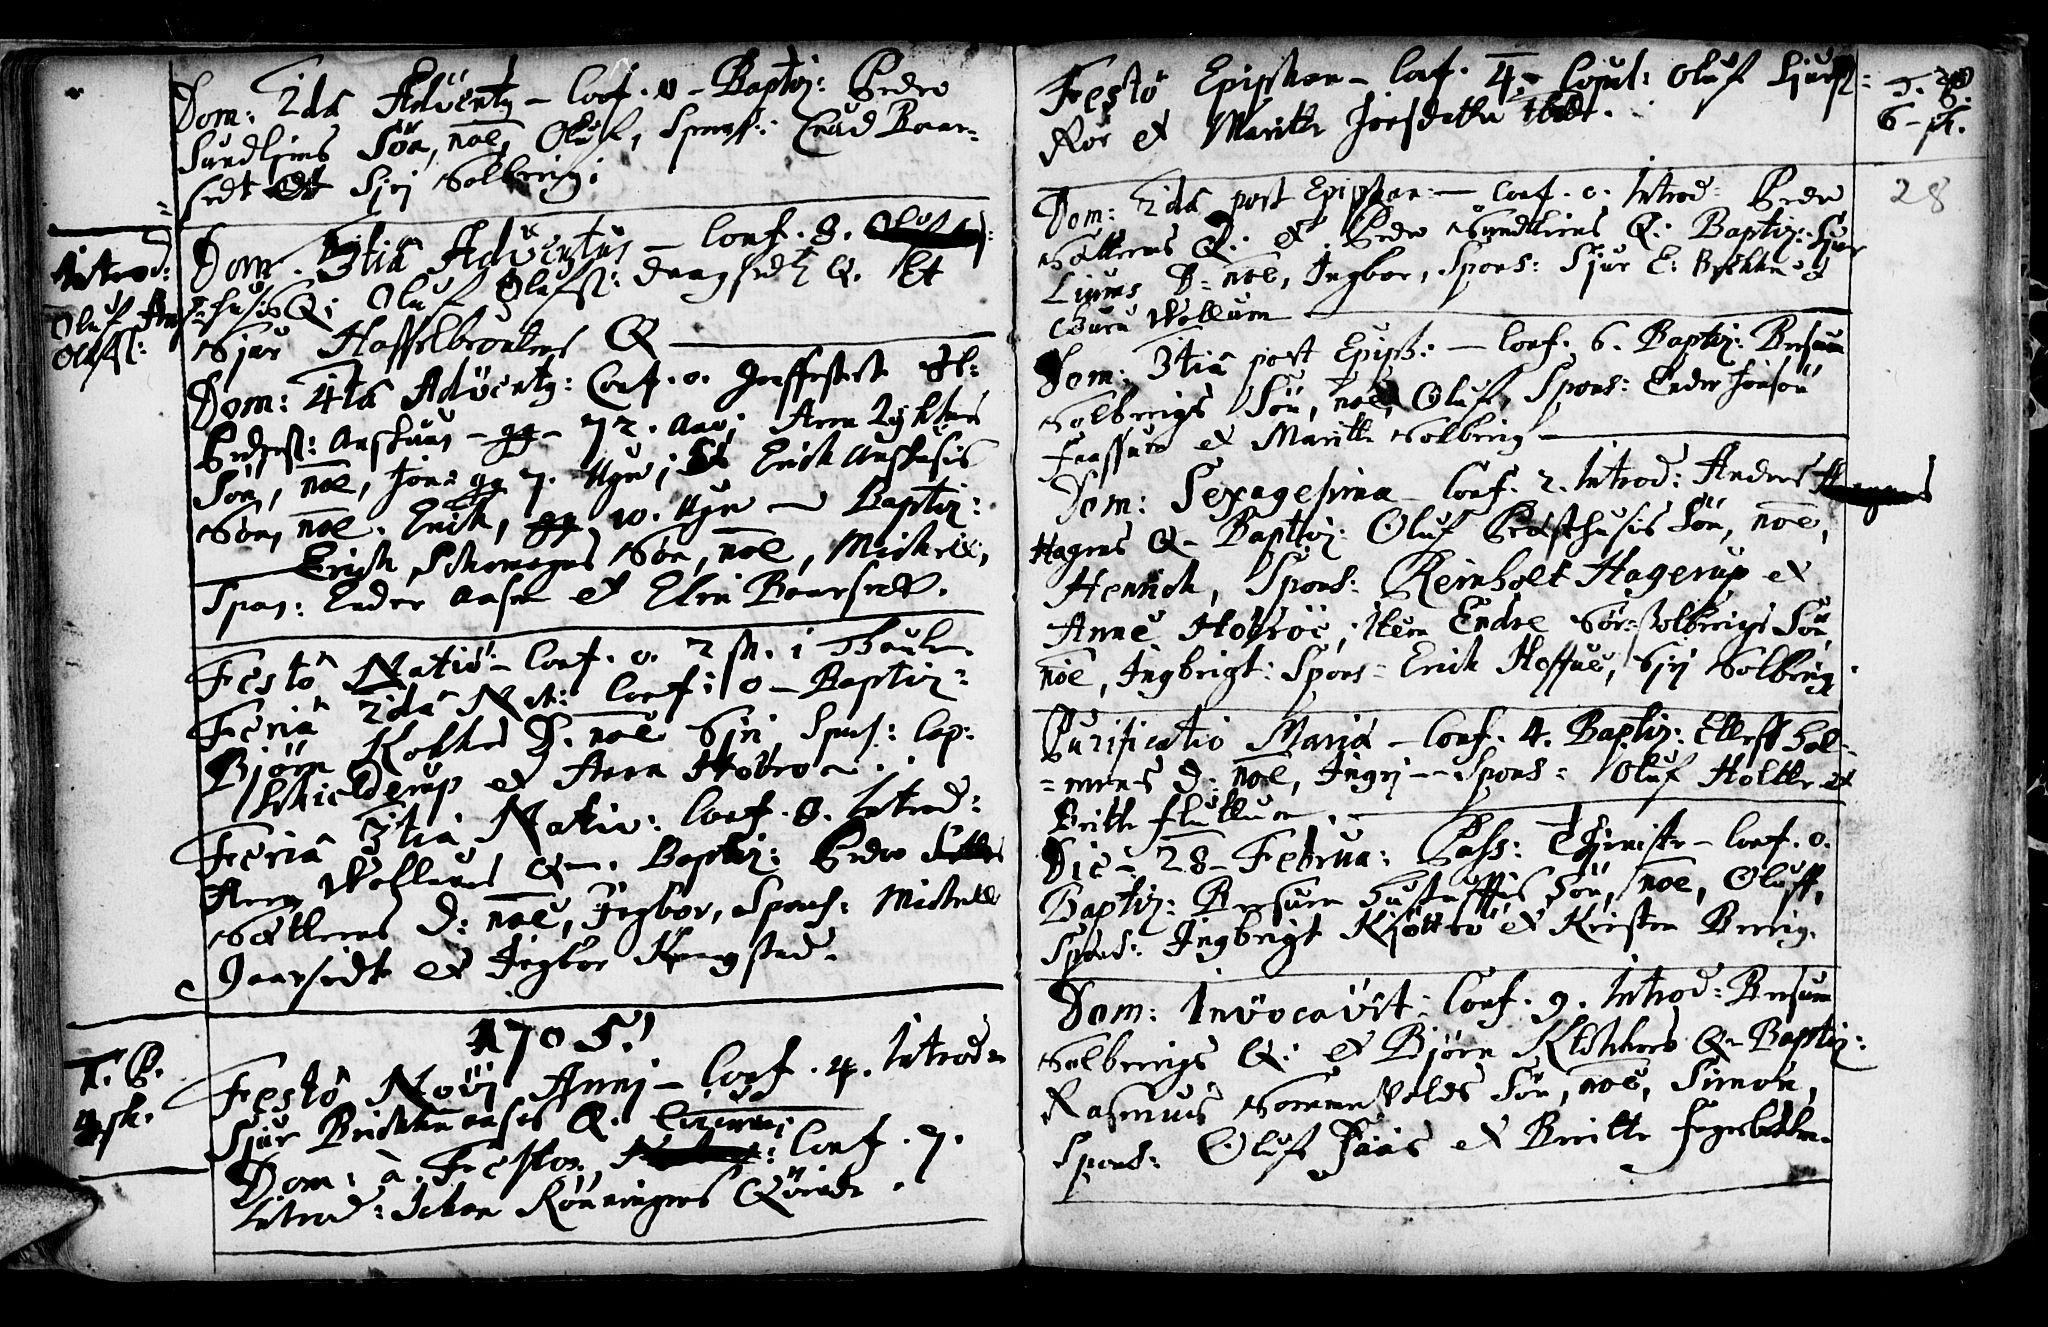 SAT, Ministerialprotokoller, klokkerbøker og fødselsregistre - Sør-Trøndelag, 689/L1036: Ministerialbok nr. 689A01, 1696-1746, s. 28